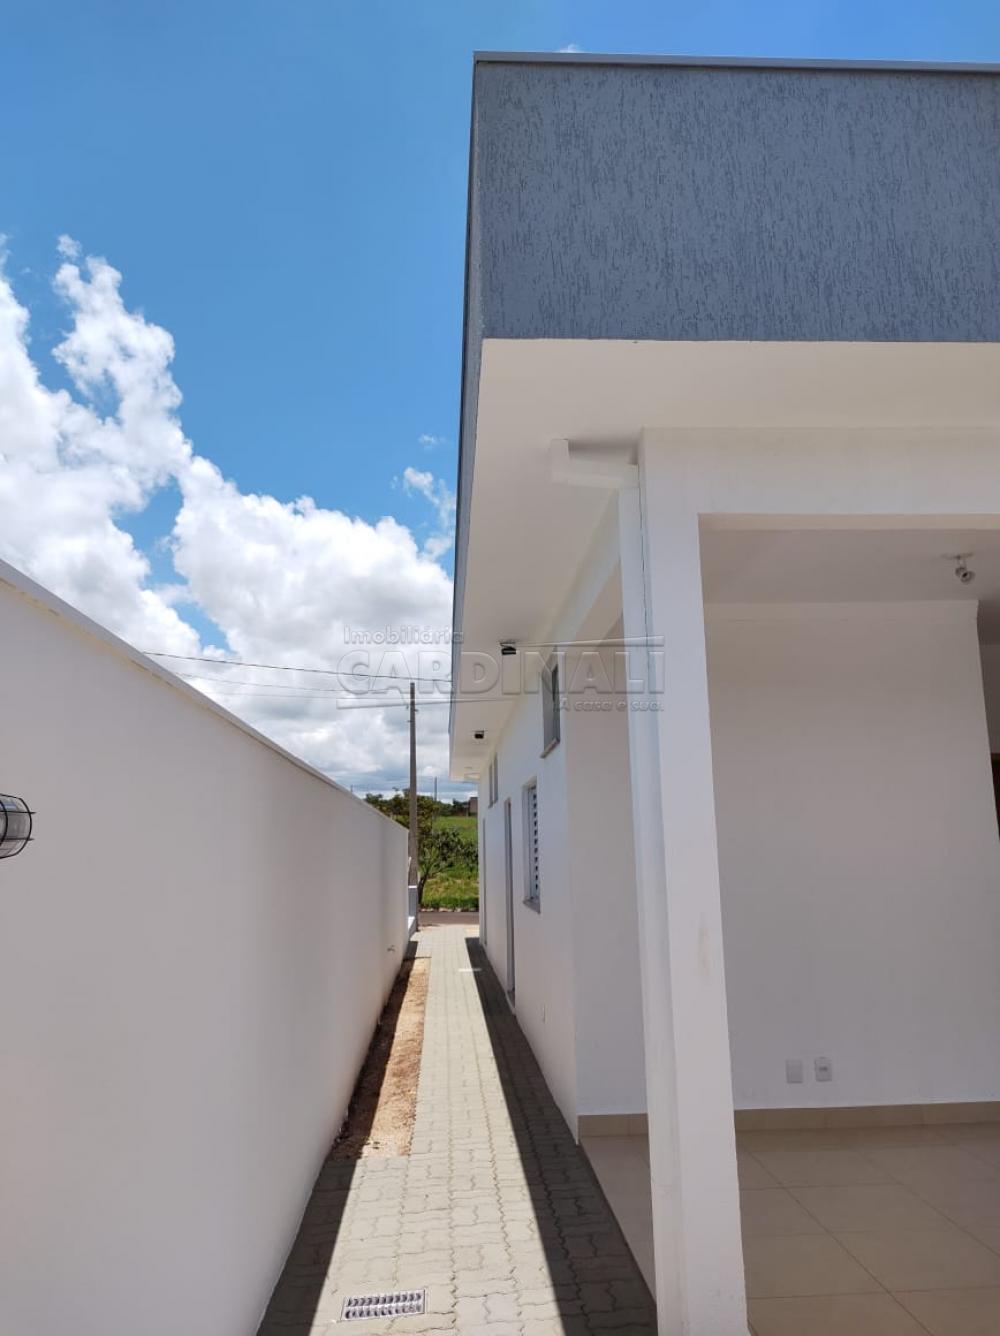 Comprar Casa / Condomínio em Araraquara R$ 480.000,00 - Foto 9